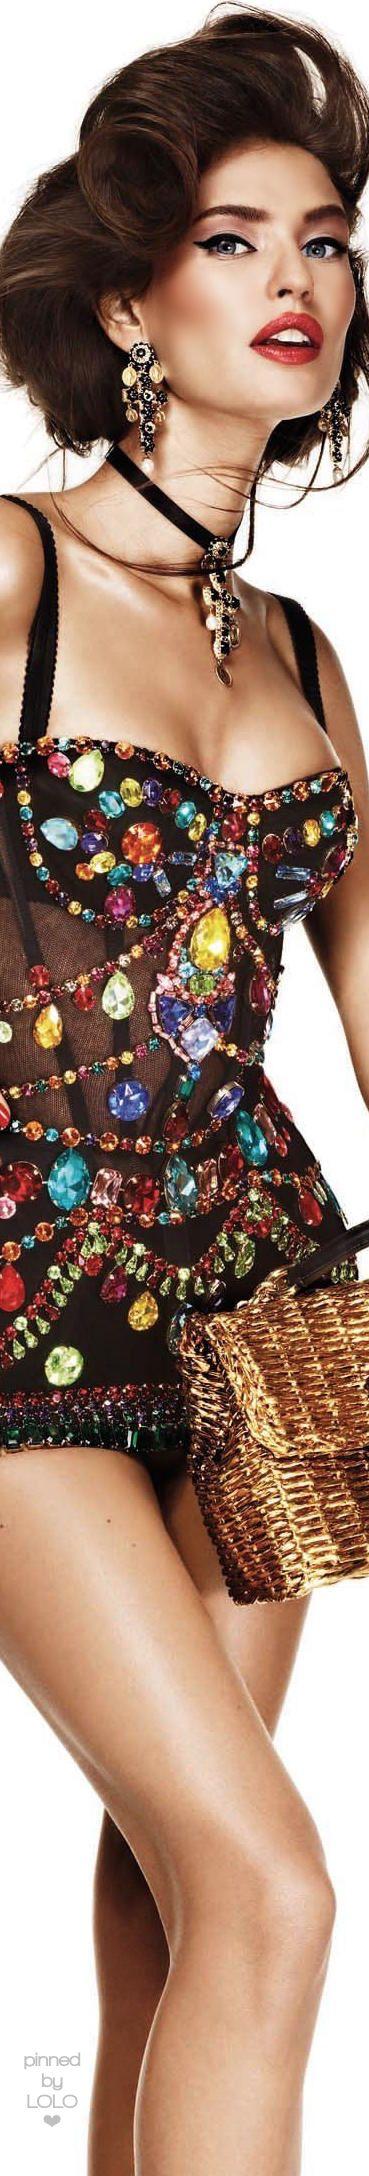 Bianca Balti in Dolce & Gabbana Vogue Japan | LOLO❤︎